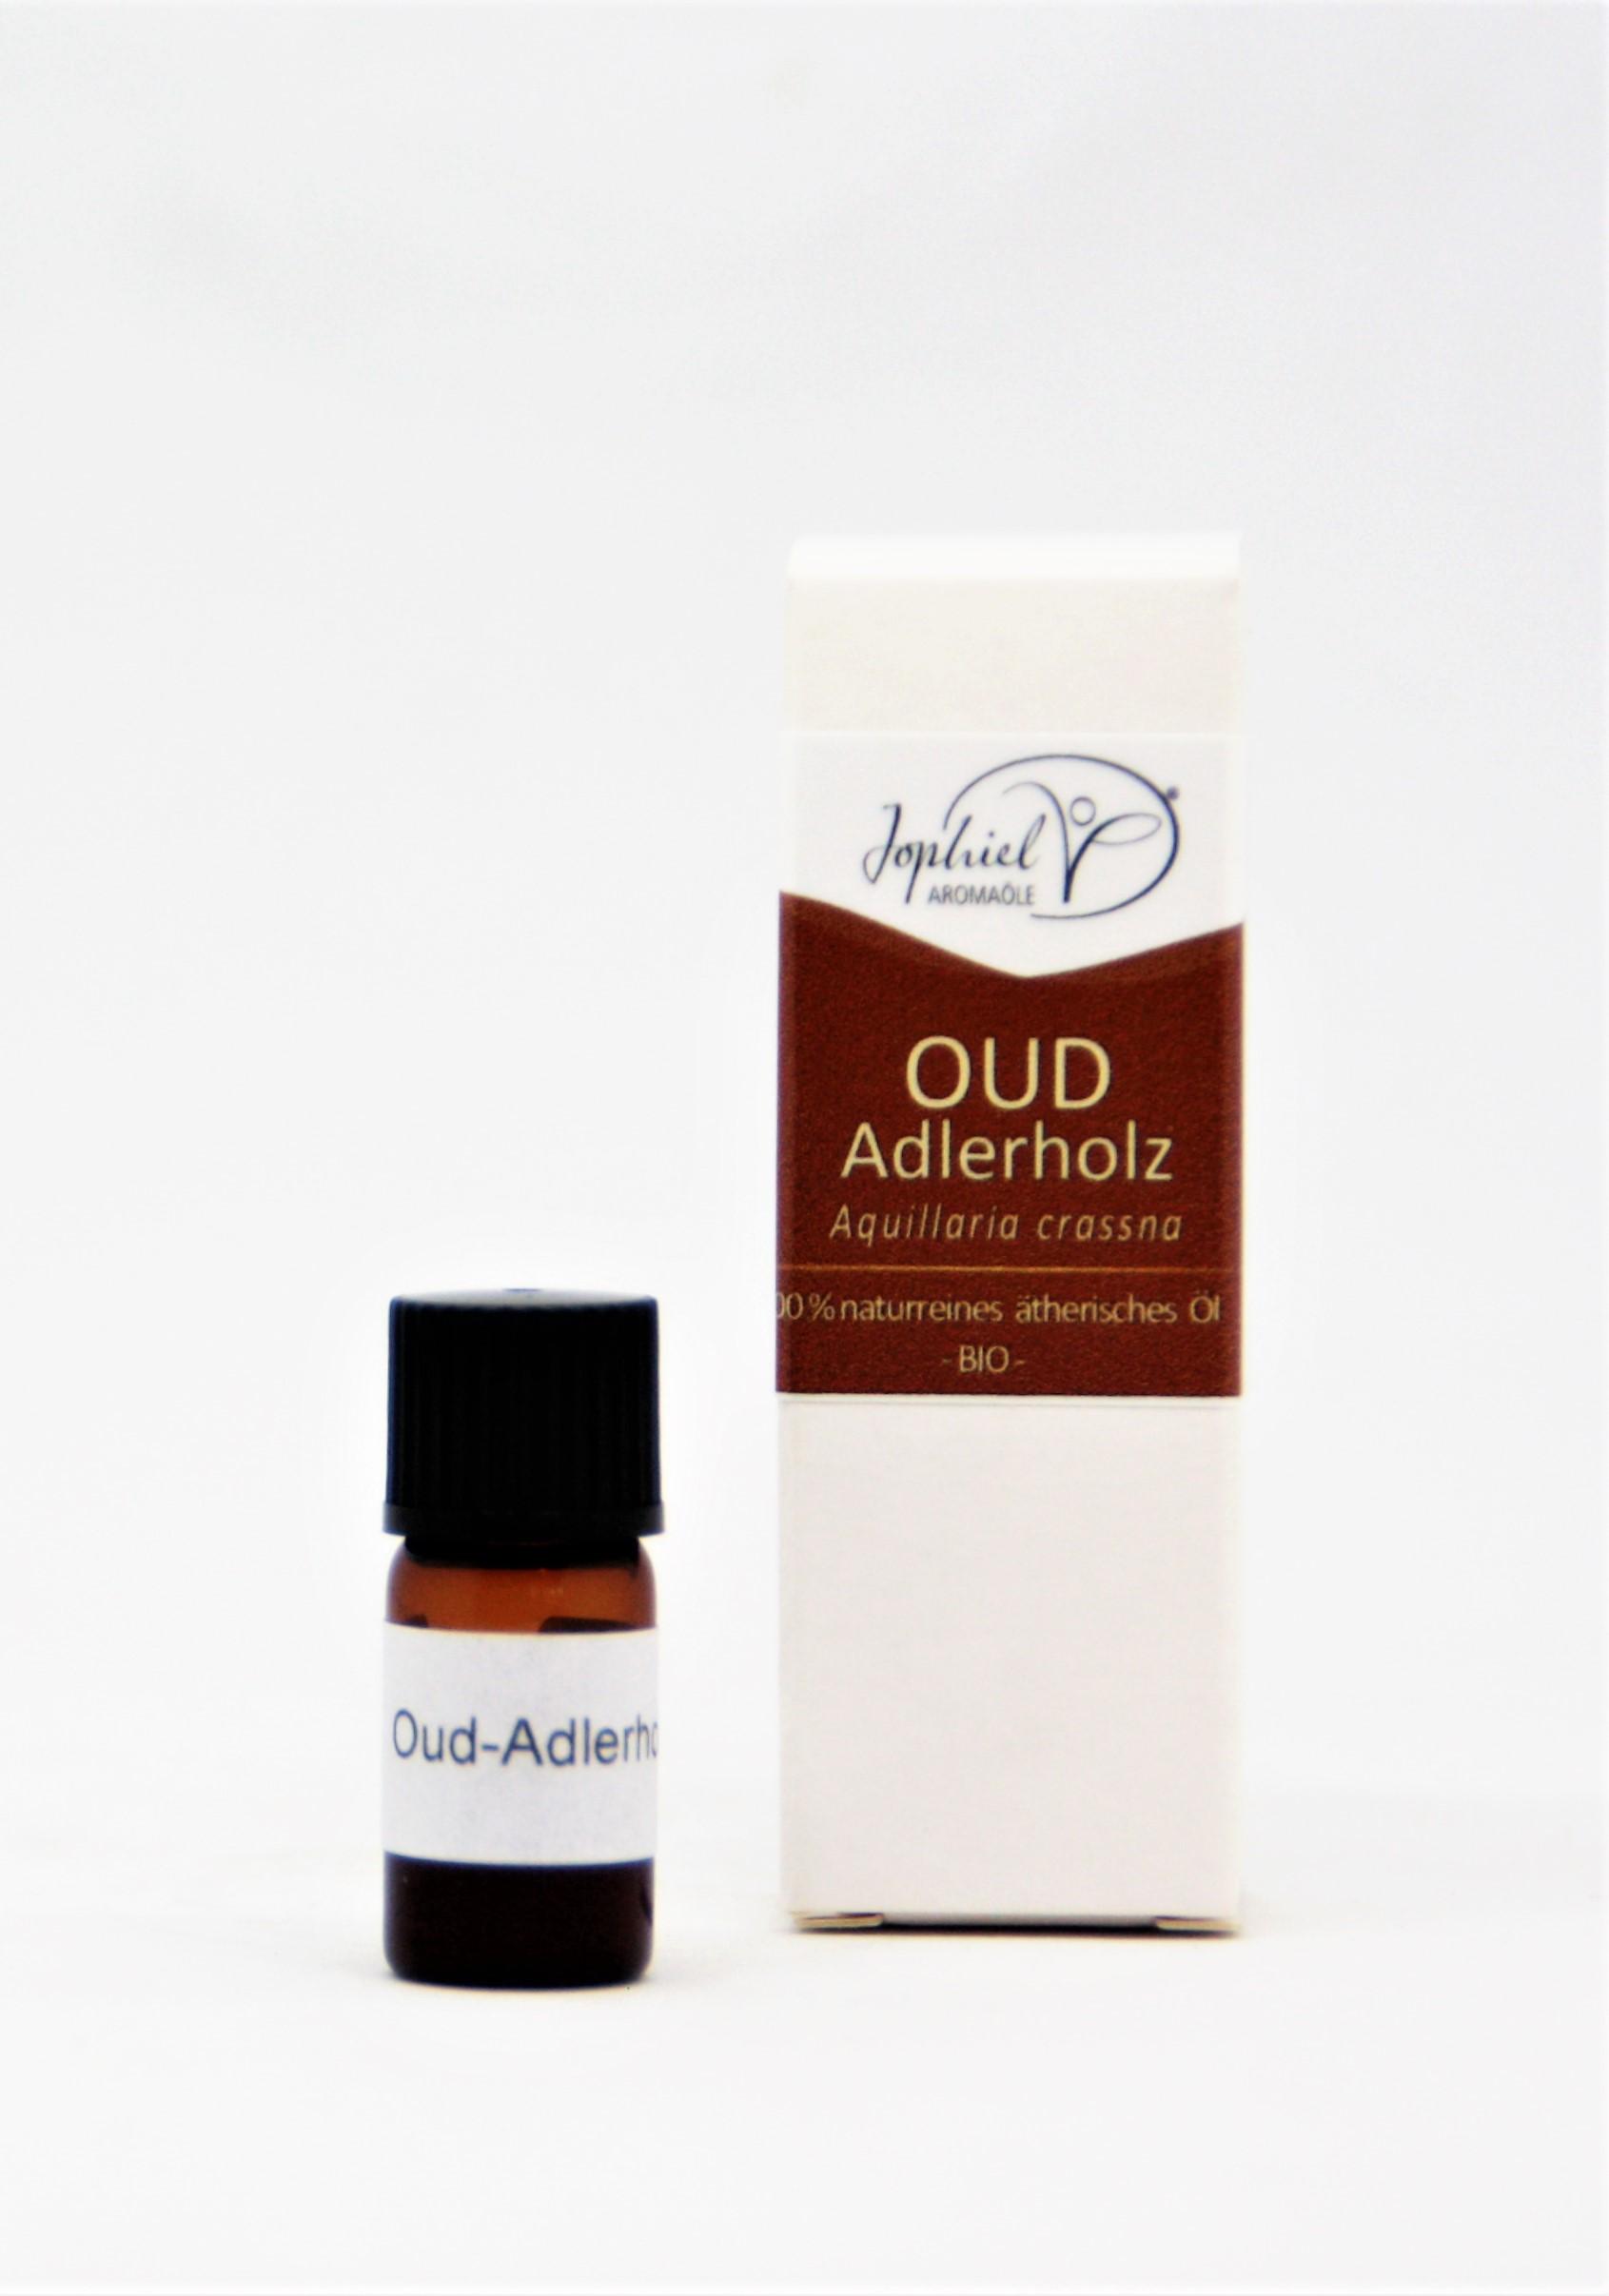 Oud Öl 100 % hochwertiges Adlerholz Öl 1 ml